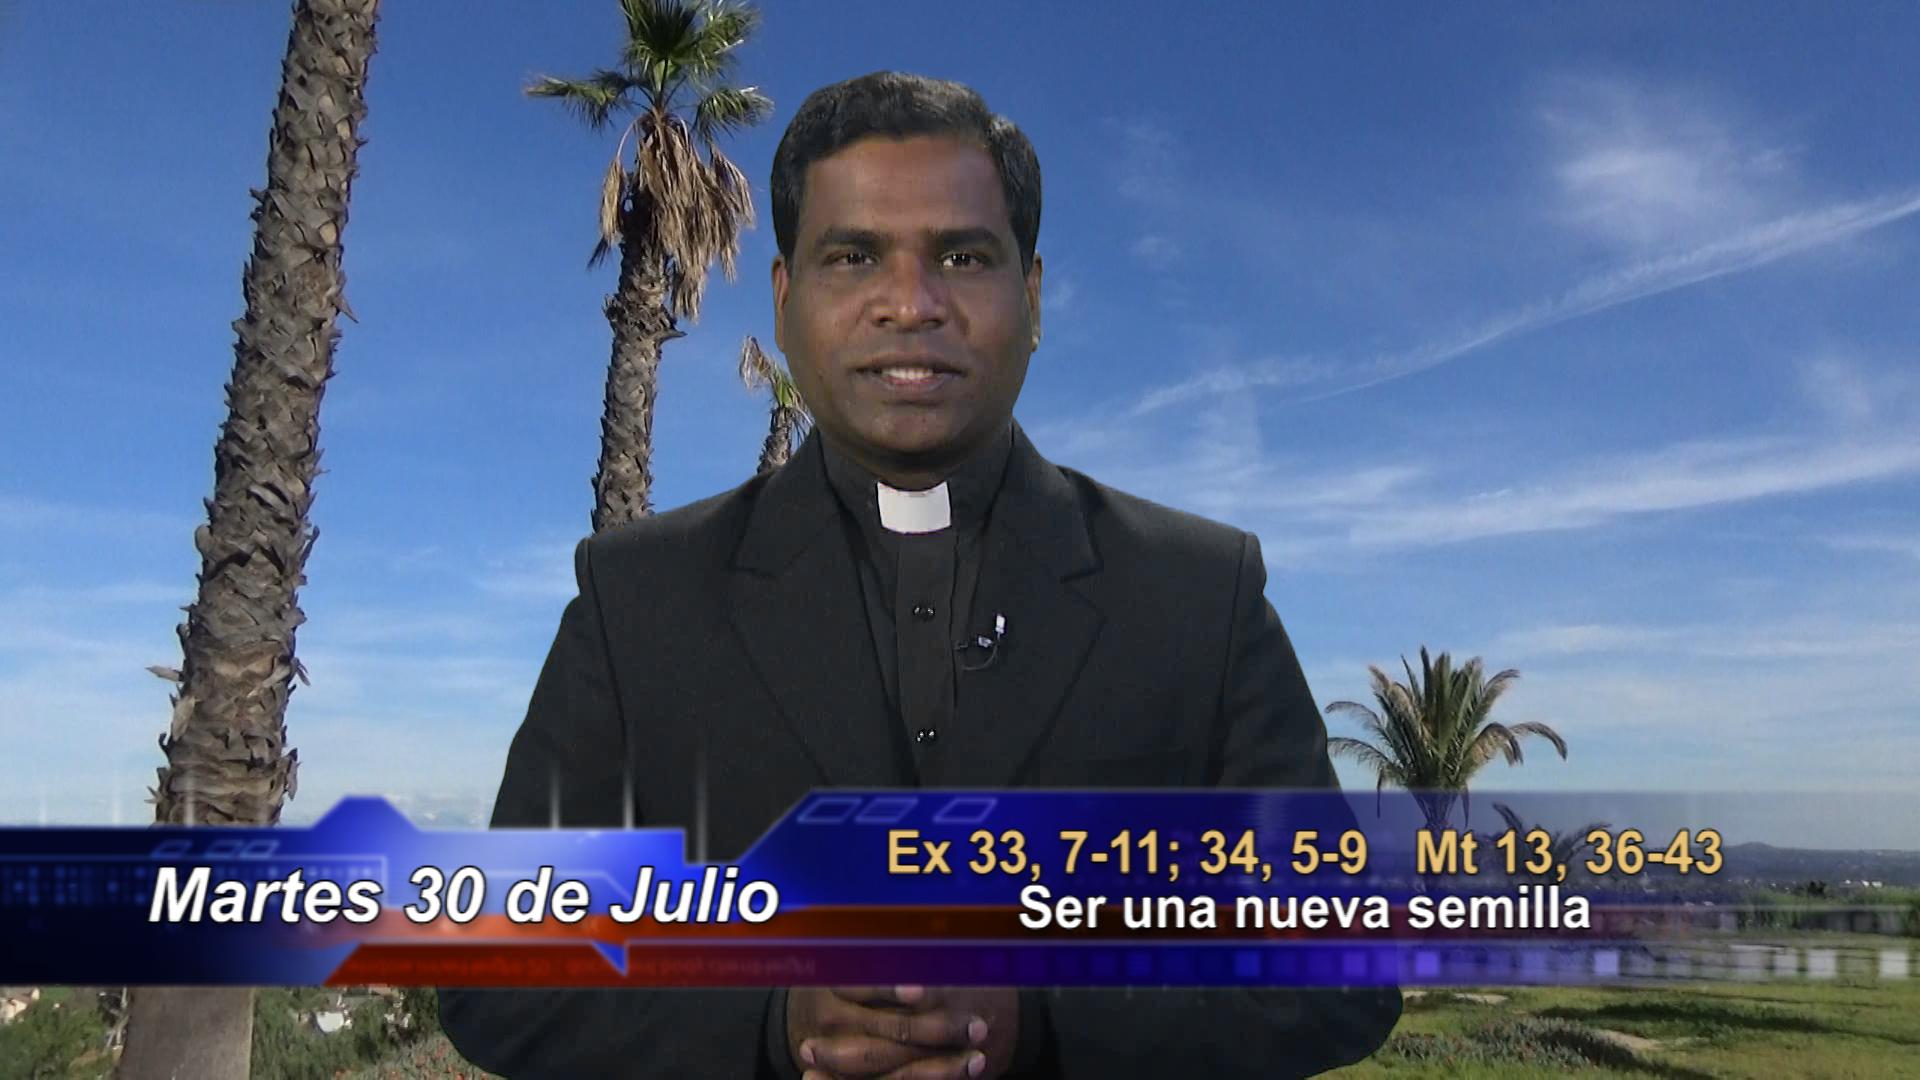 Artwork for Dios te Habla con Fr. Deeber Yonas, SVD; El tema: SER UNA BUENA SEMILLA